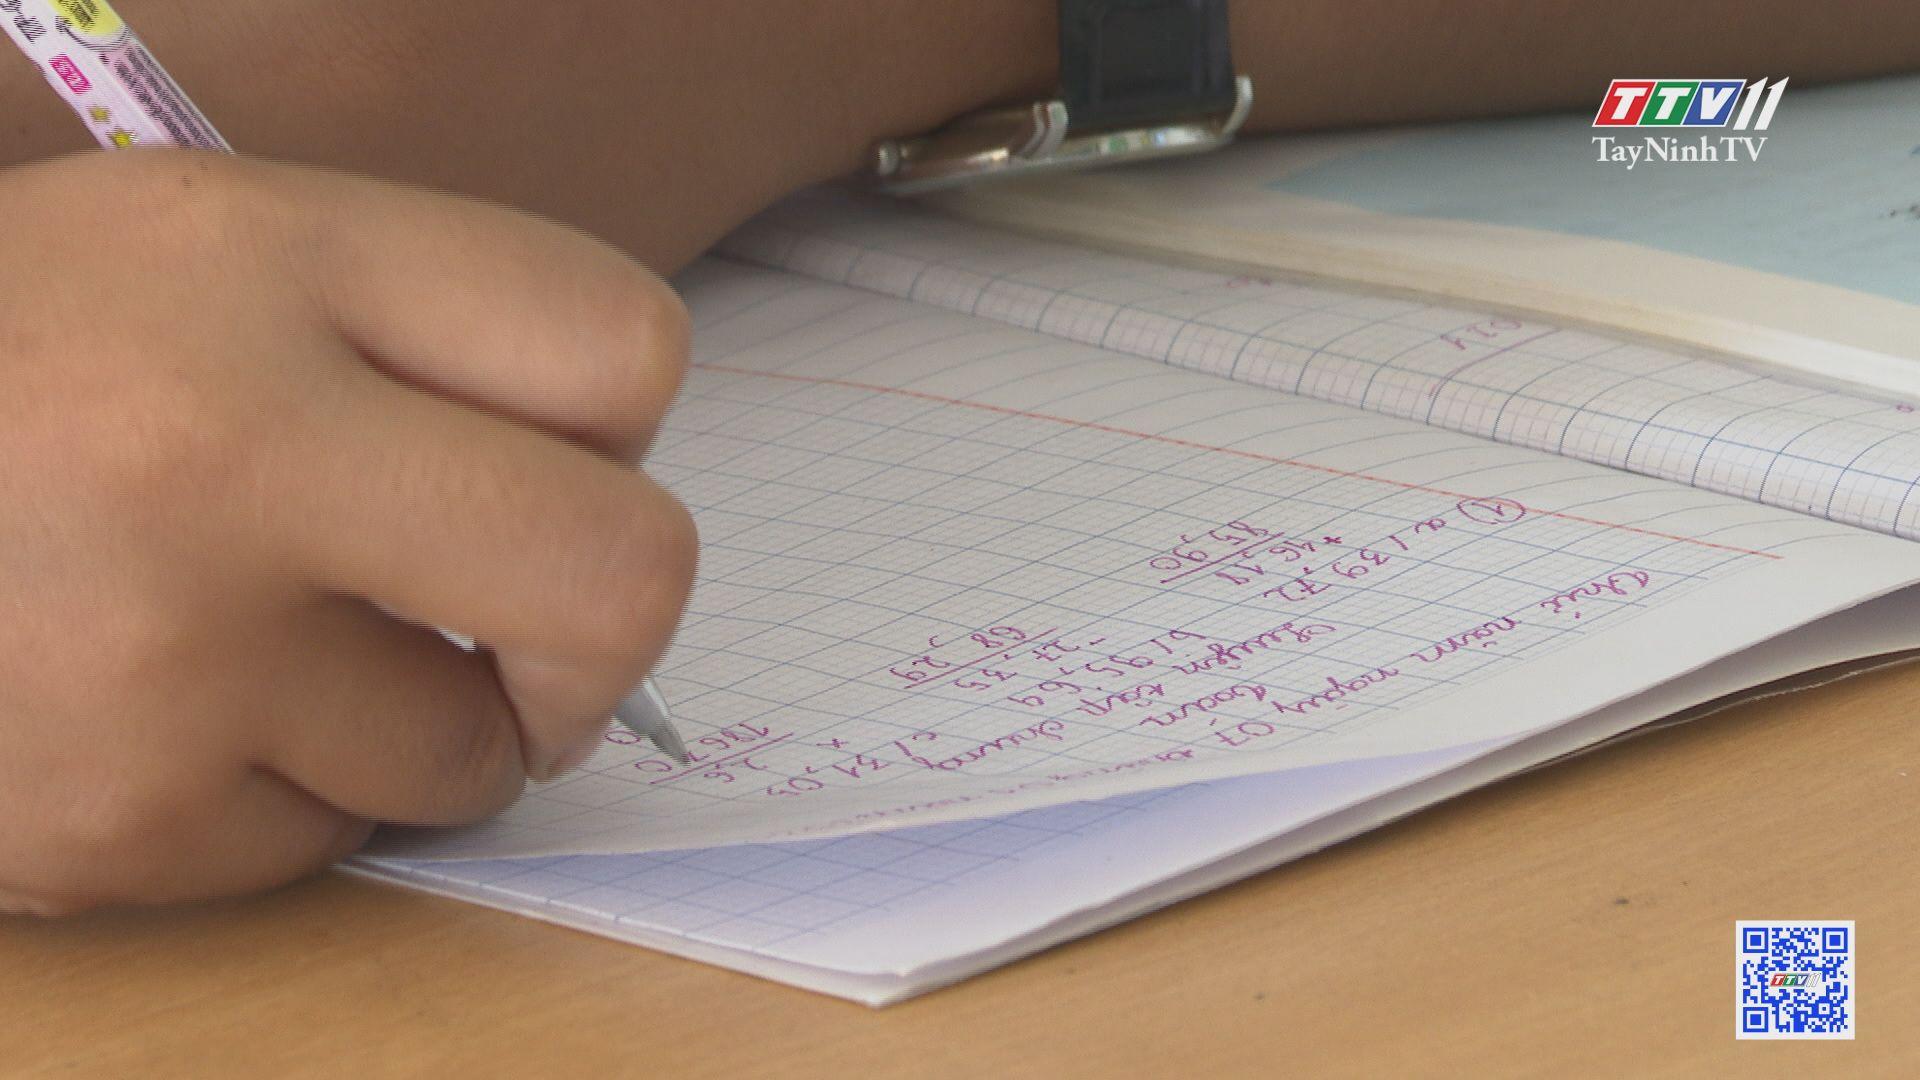 Quyết tâm theo đuổi ước mơ đến trường | KHUYẾN HỌC KHUYẾN TÀI | TayNinhTV